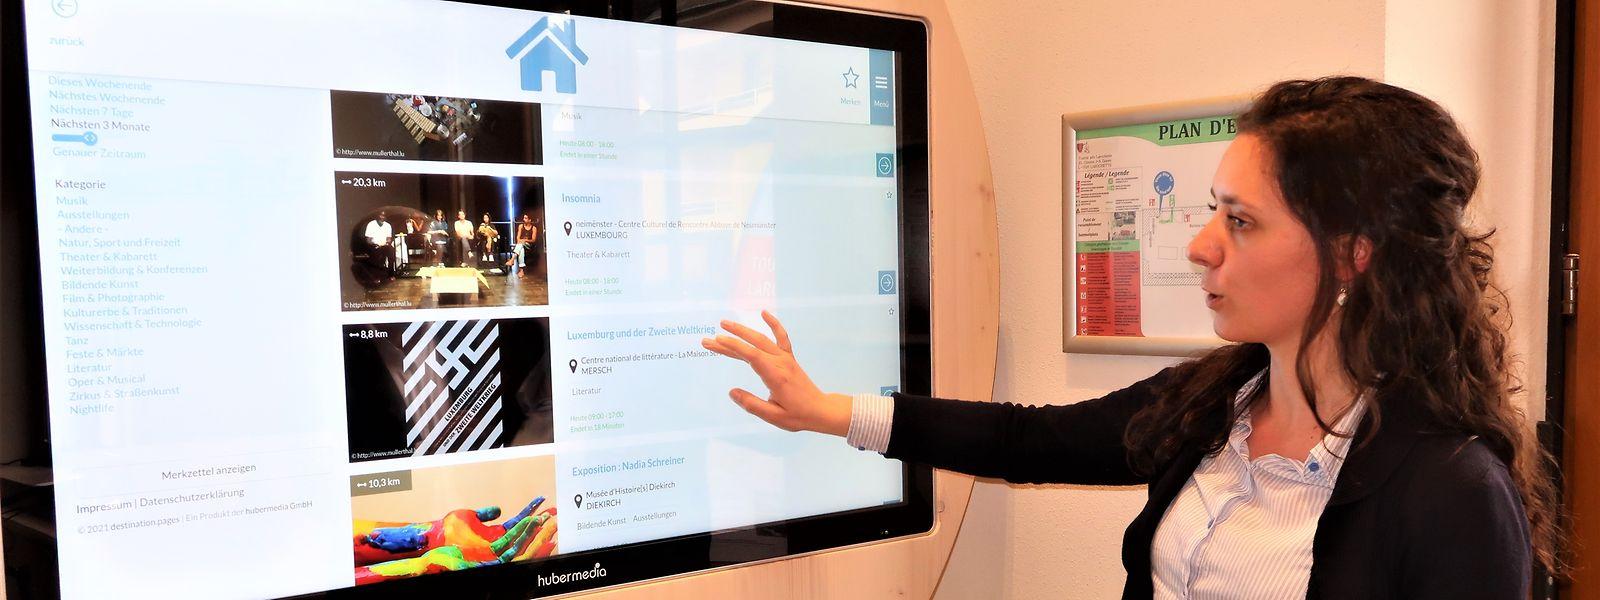 """Am Tochscreen kann der Gast einen Museumsbesuch oder eine Wandertour planen. Projektleiterin Konstanze Liskow erklärt die Funktionen der """"Tourist-Info 2.0""""."""